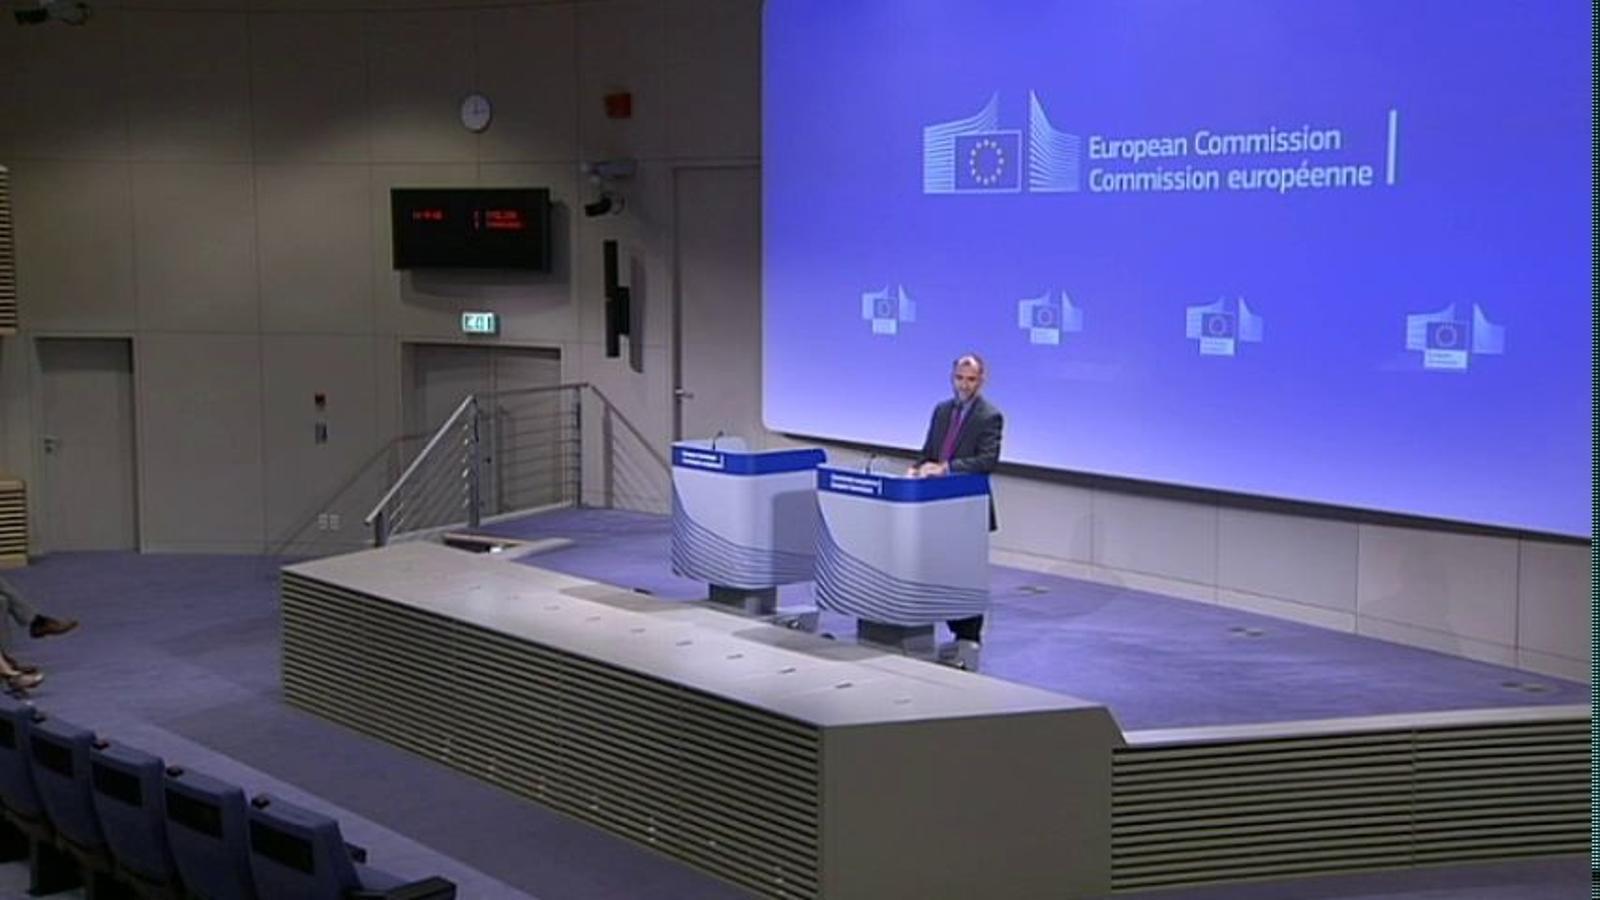 Brussel·les alerta que si una regió d'Europa s'independitza quedarà fora de la UE